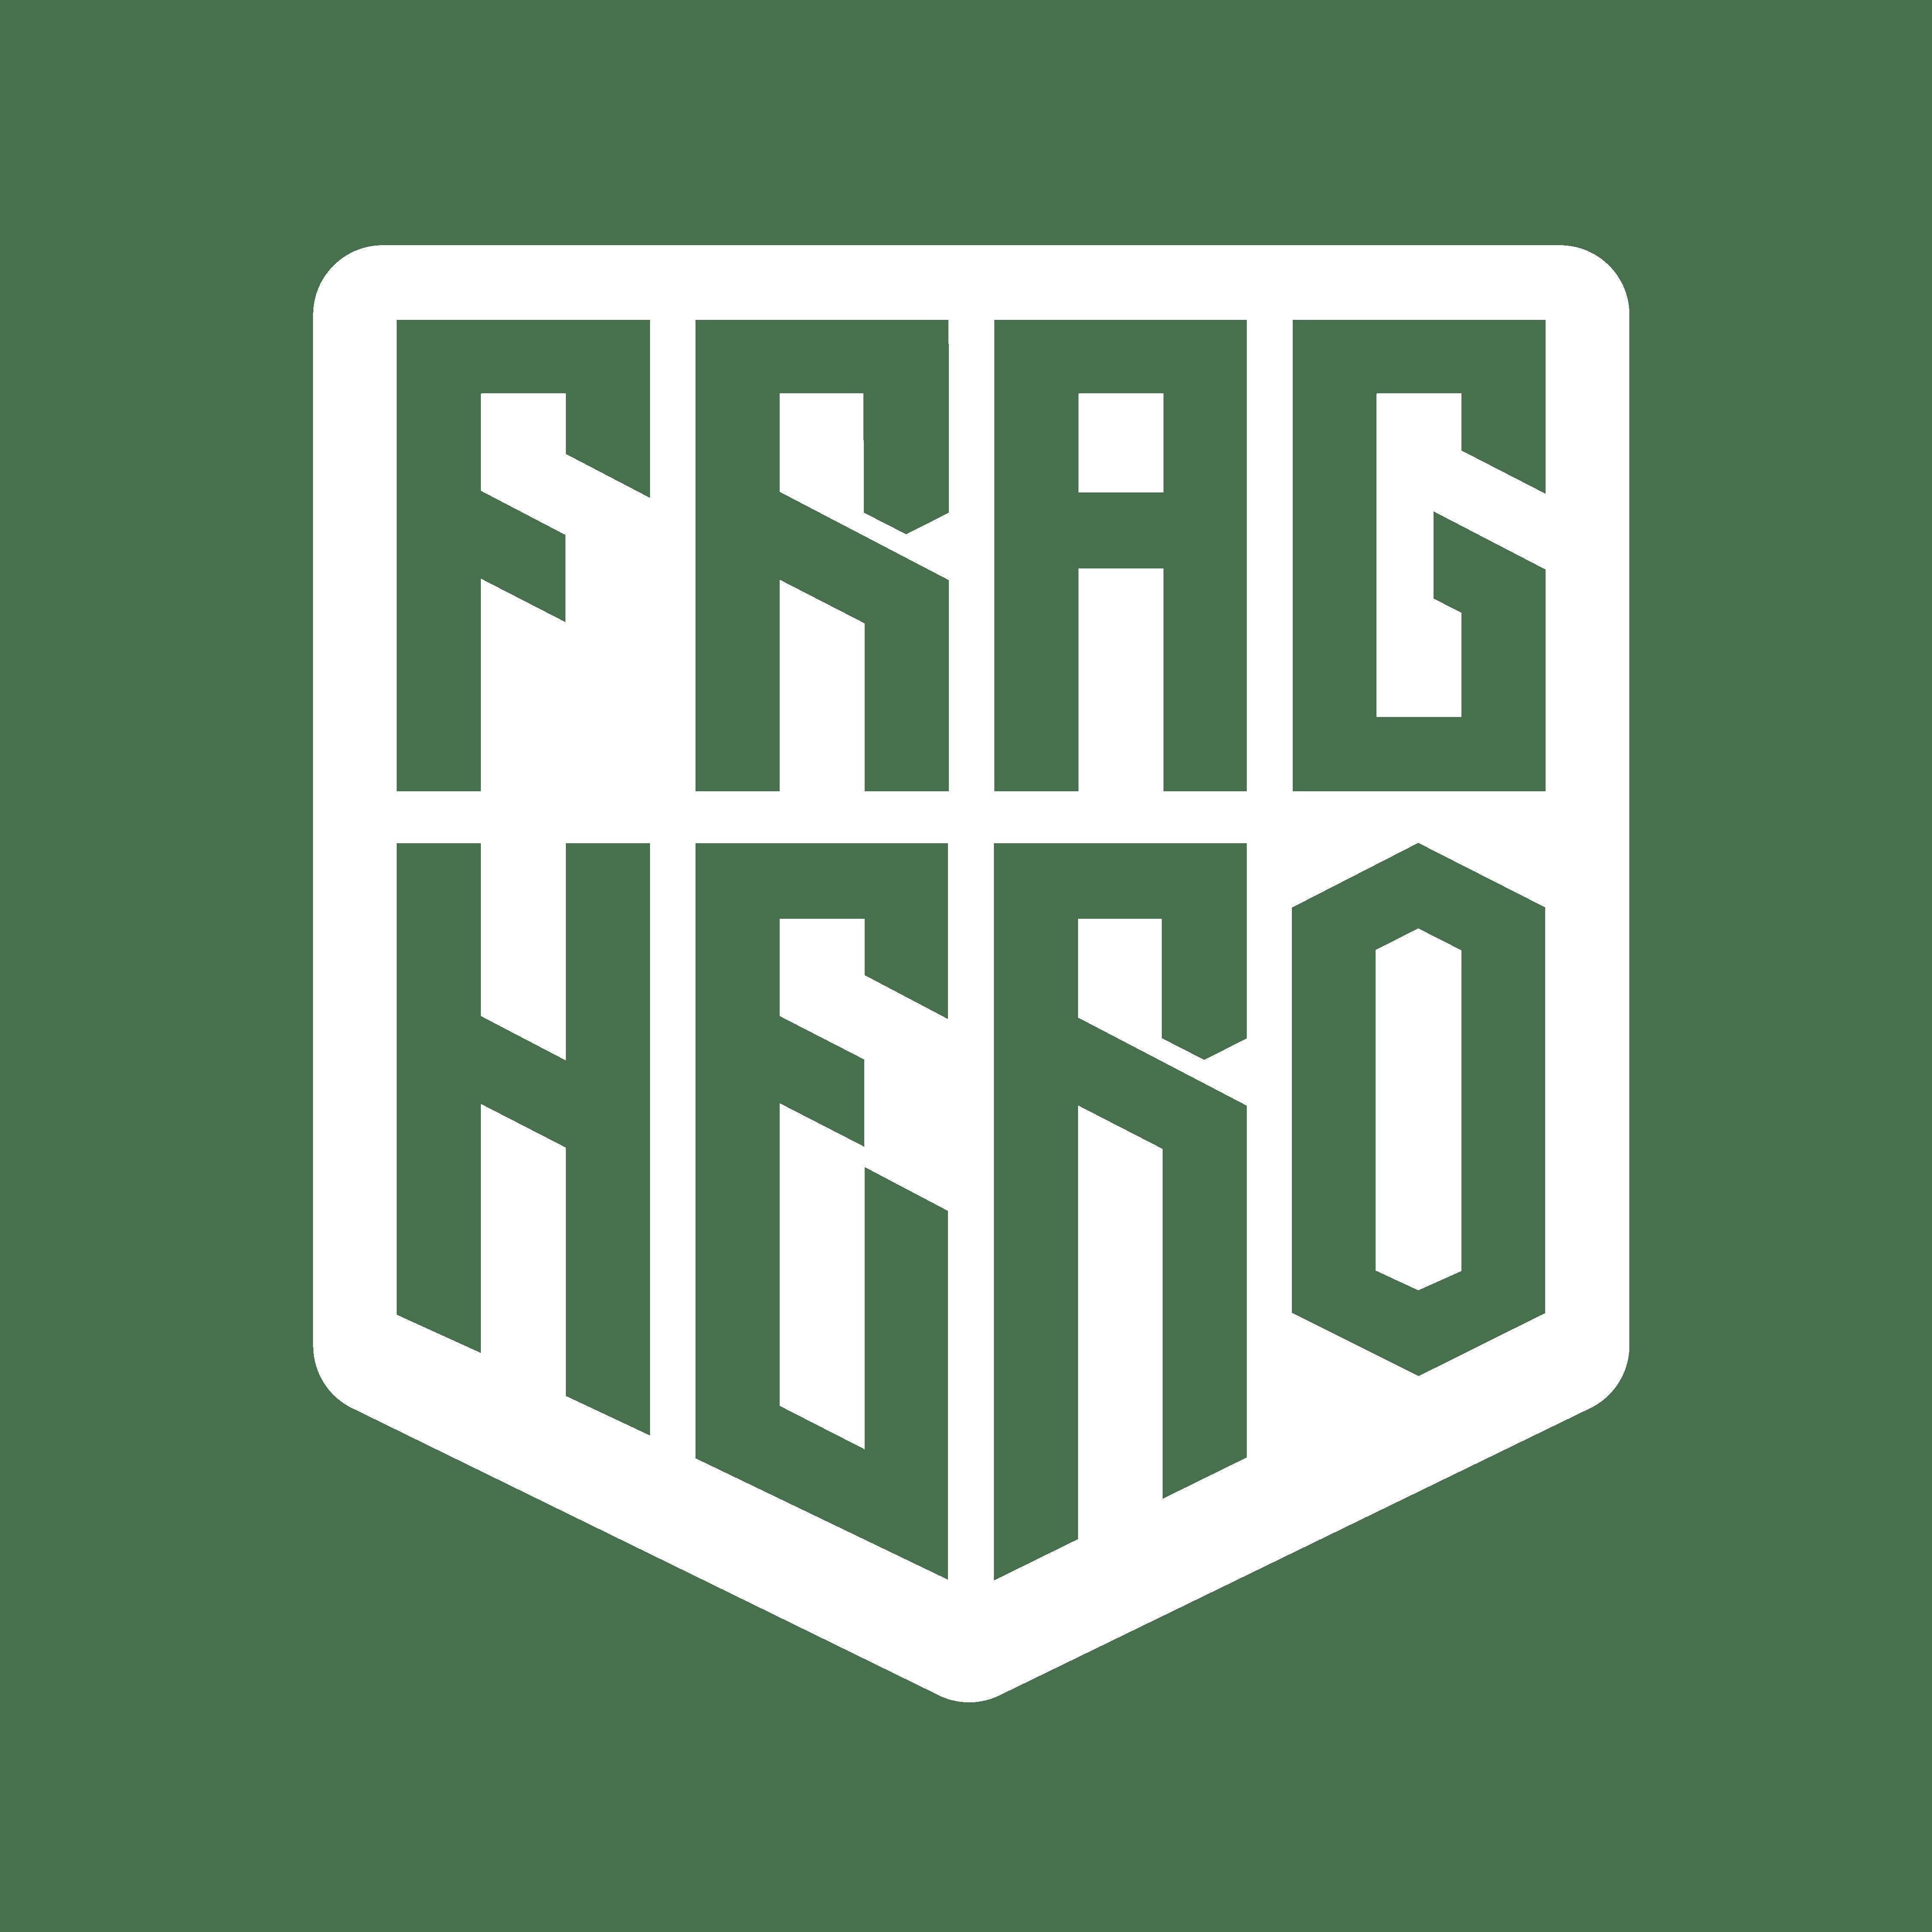 Fraghero